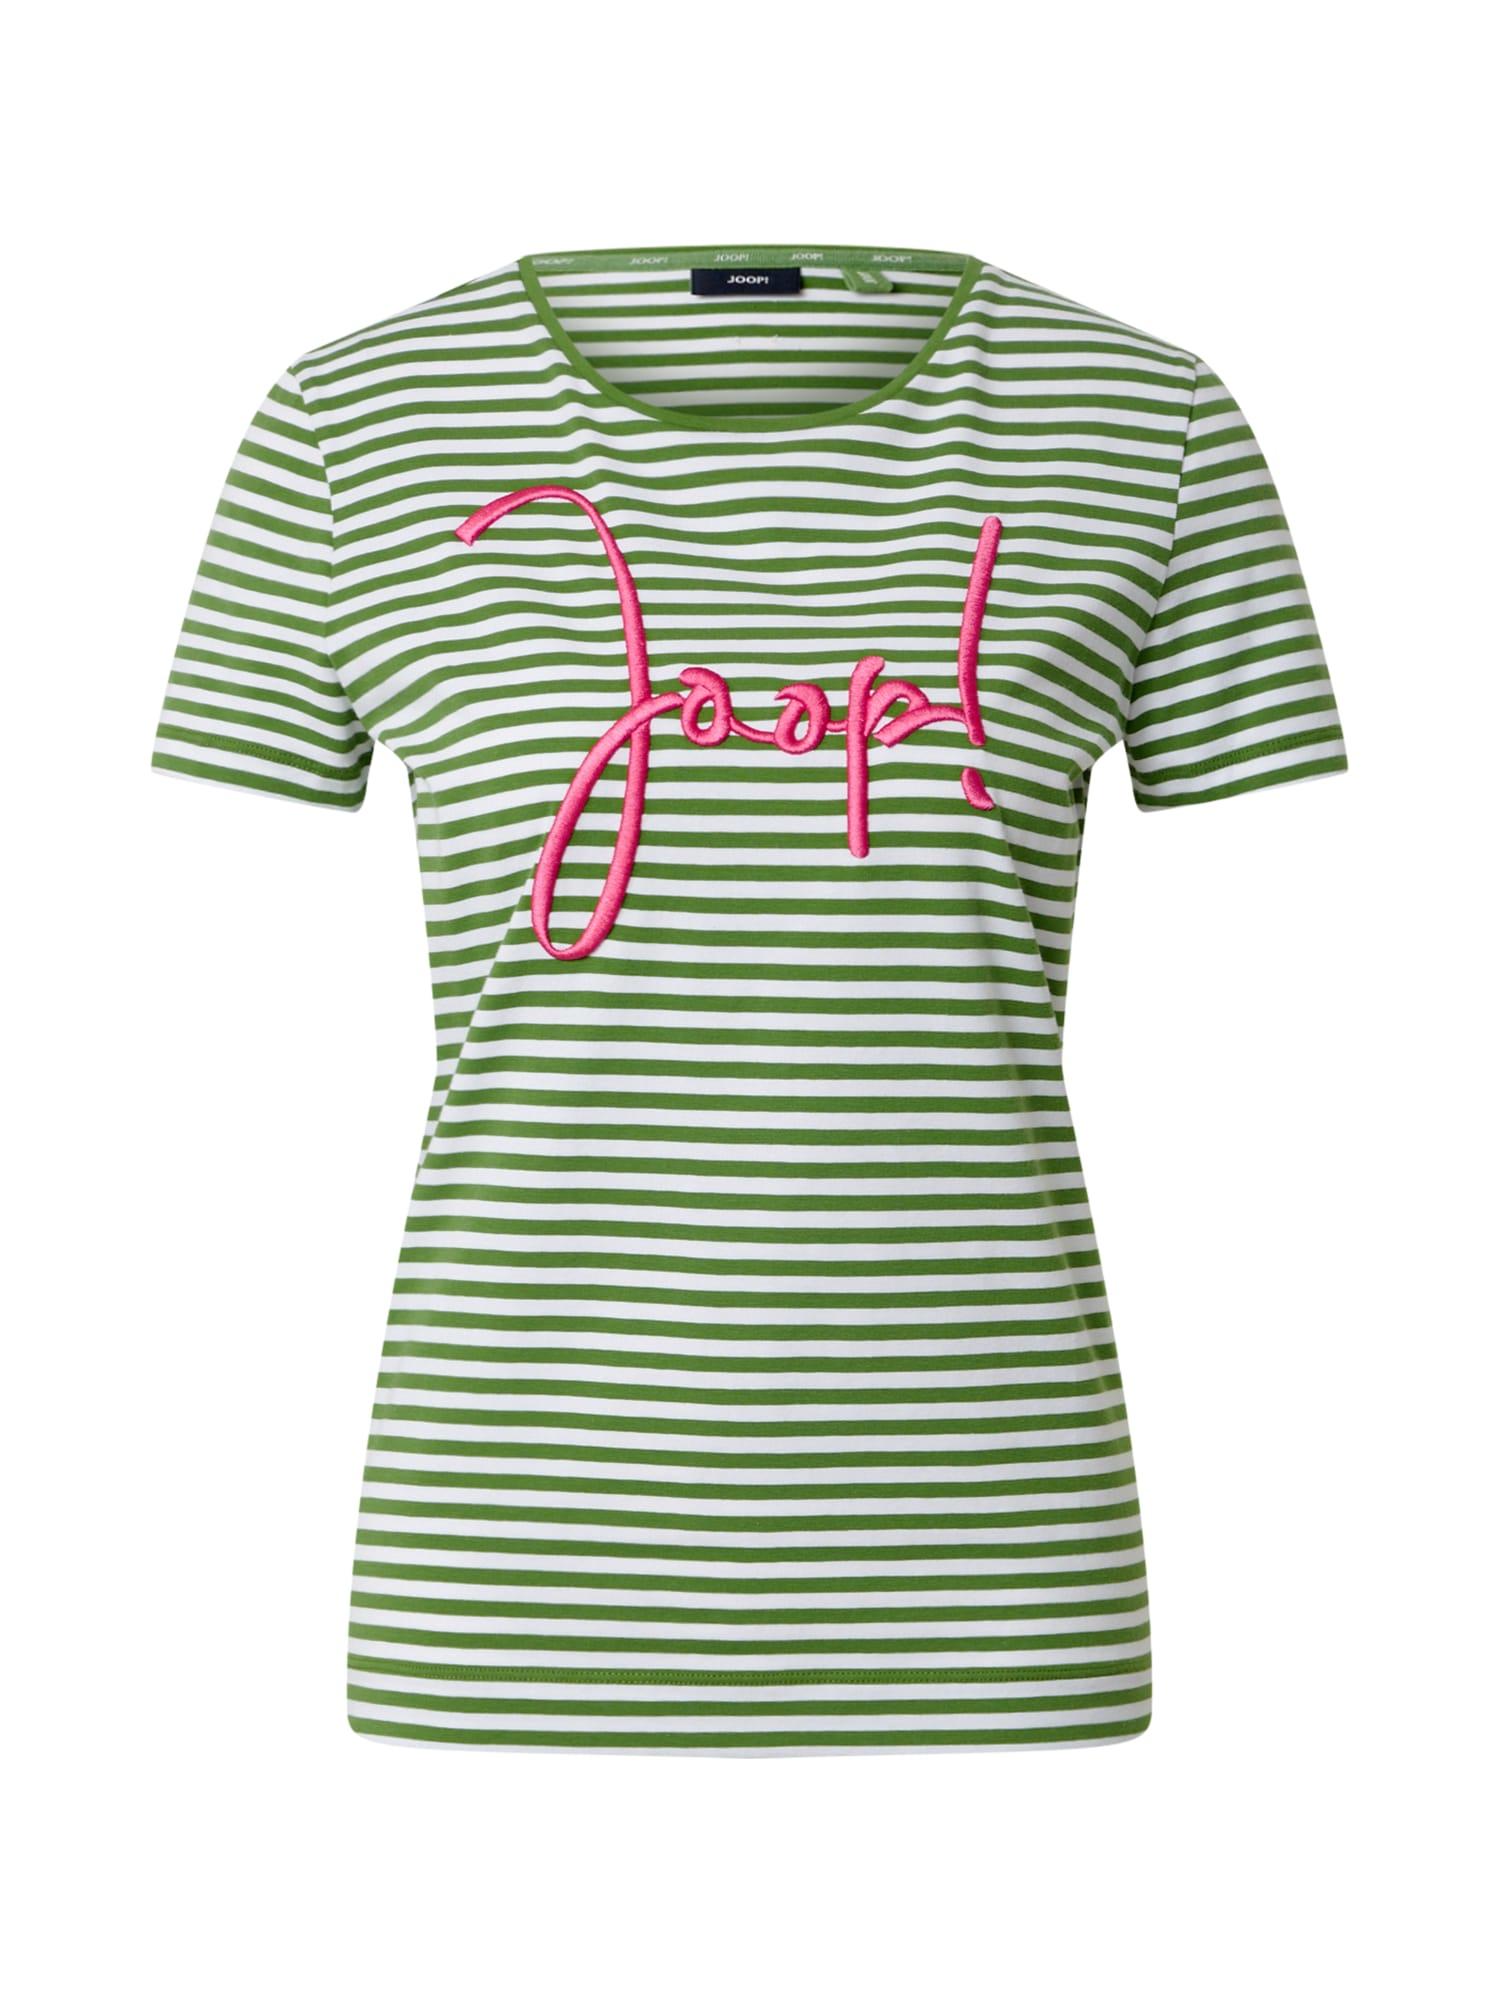 JOOP! Marškinėliai žalia / balta / fuksijų spalva